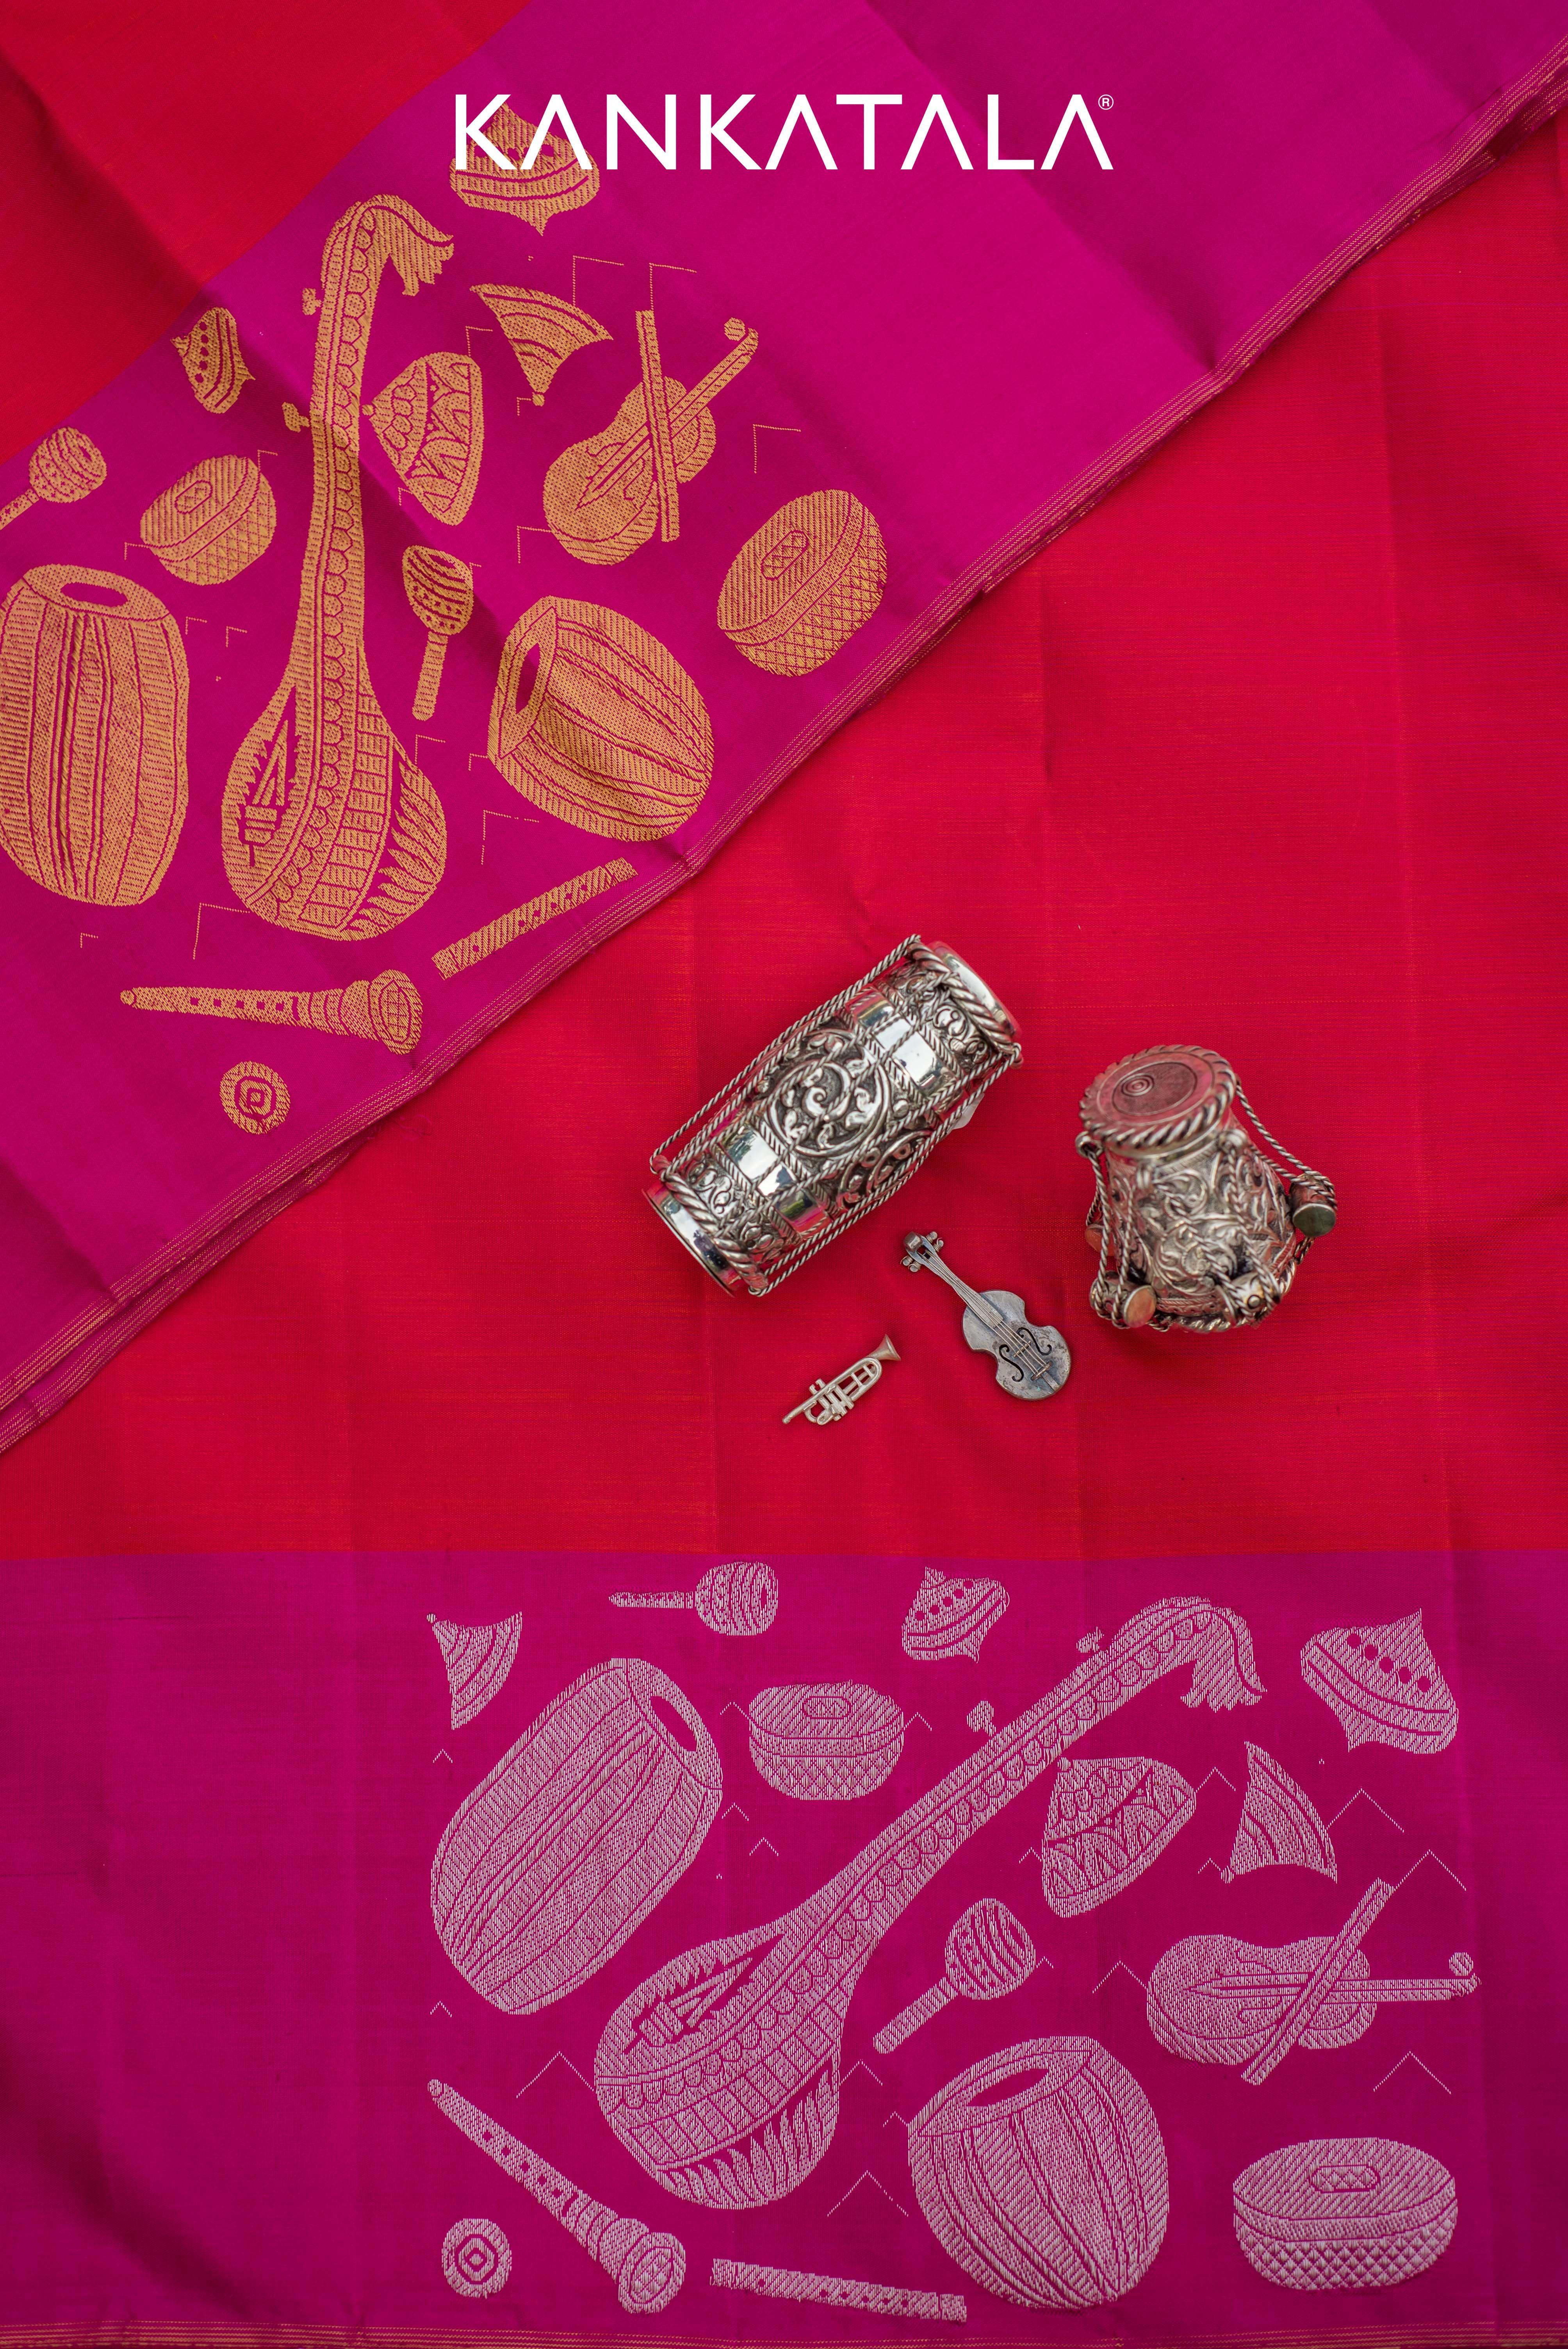 Fiery, unending kumkum red in a Kanchipuram silk wedding saree ...